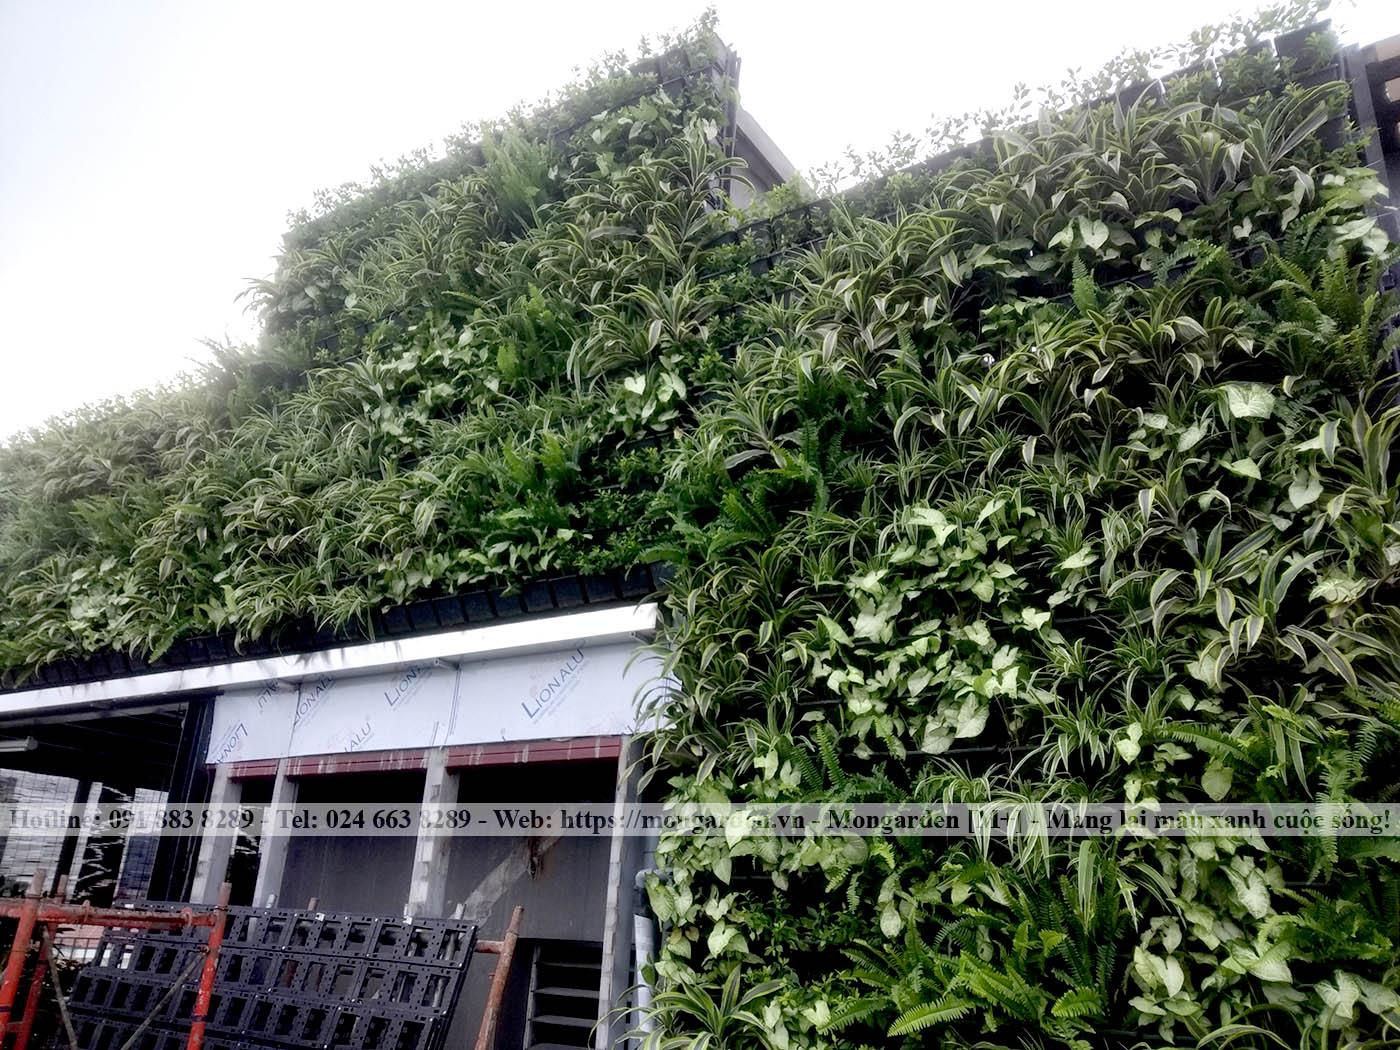 Thi công tường cây xanh - Mongarden Việt Nam